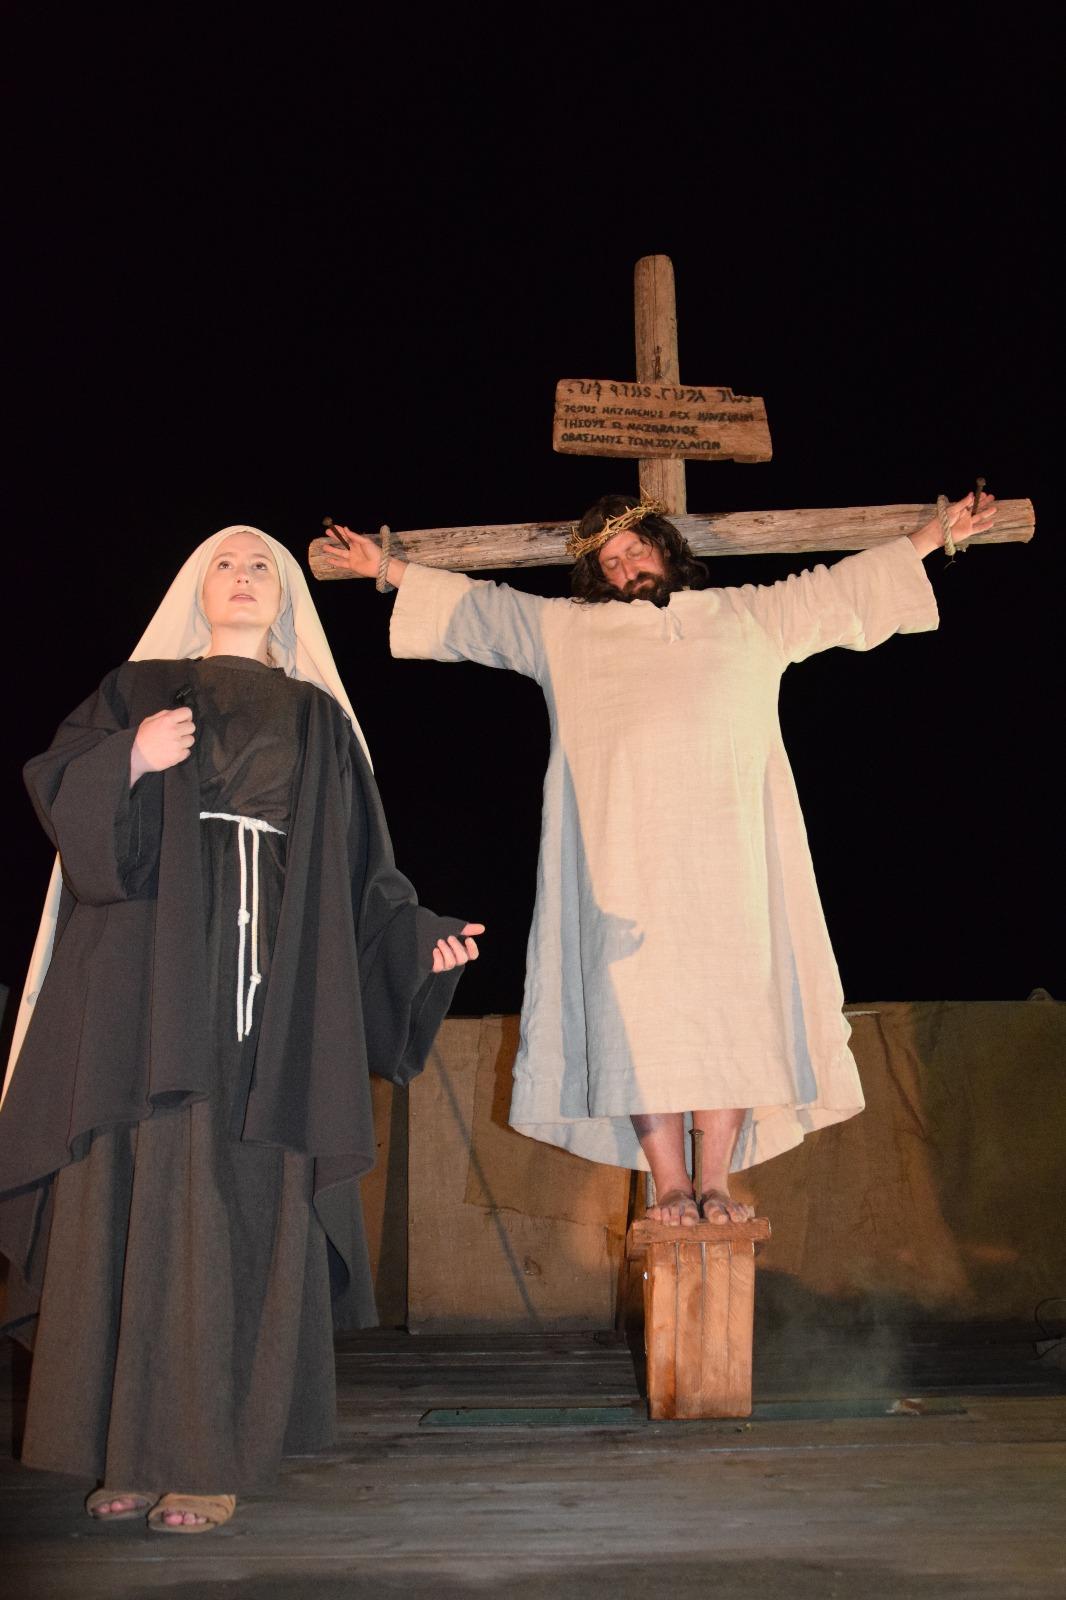 Un momento della Rappresentazione Sacra del Venerdì Santo a Fiamenga